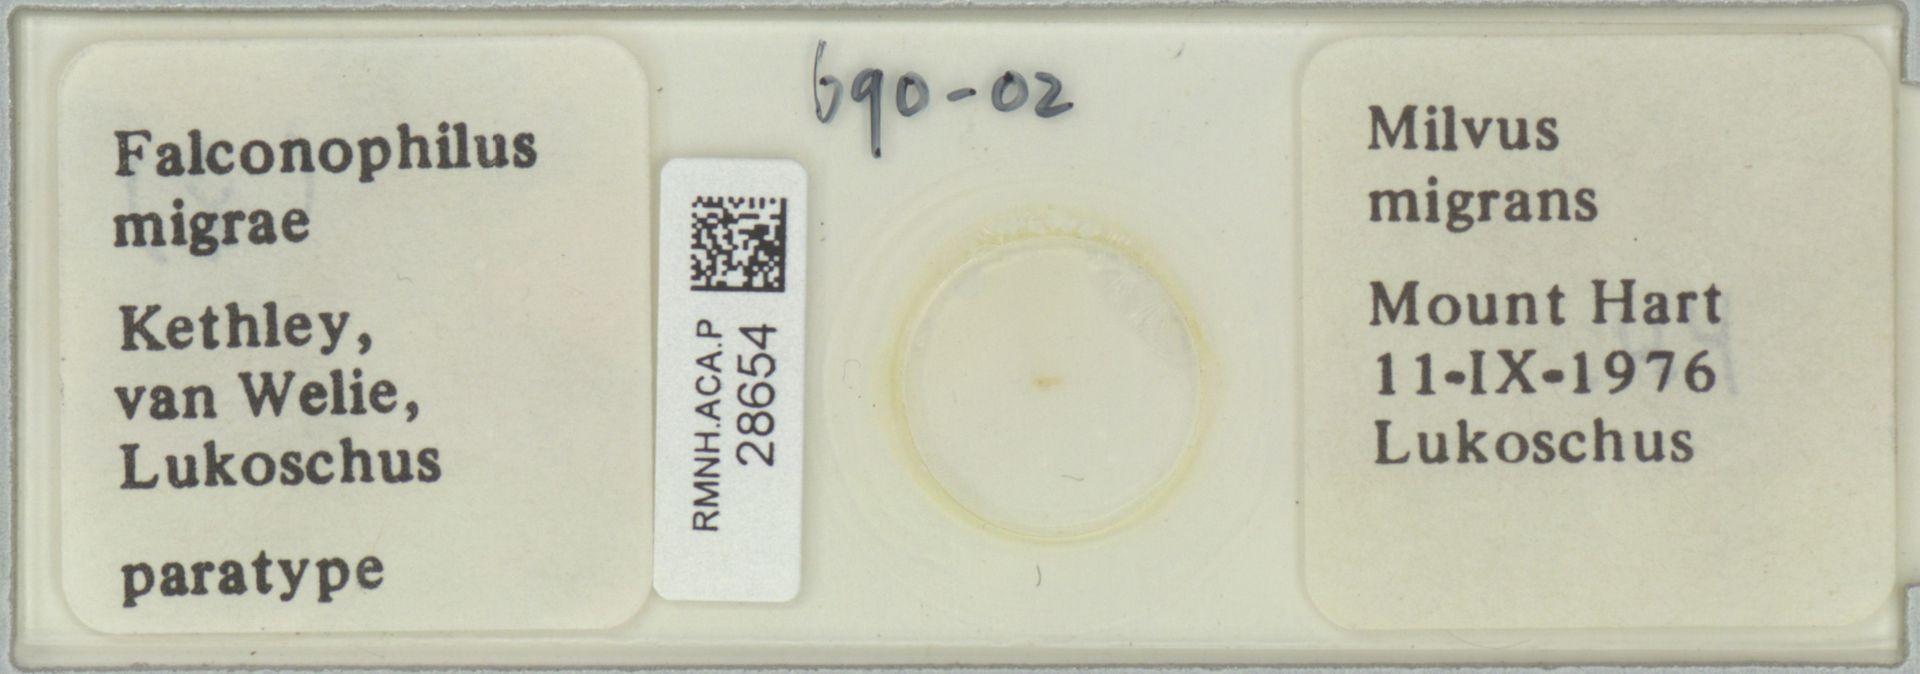 RMNH.ACA.P.28654   Falconophilus migrae Kethley, van Welie, Lukoschus